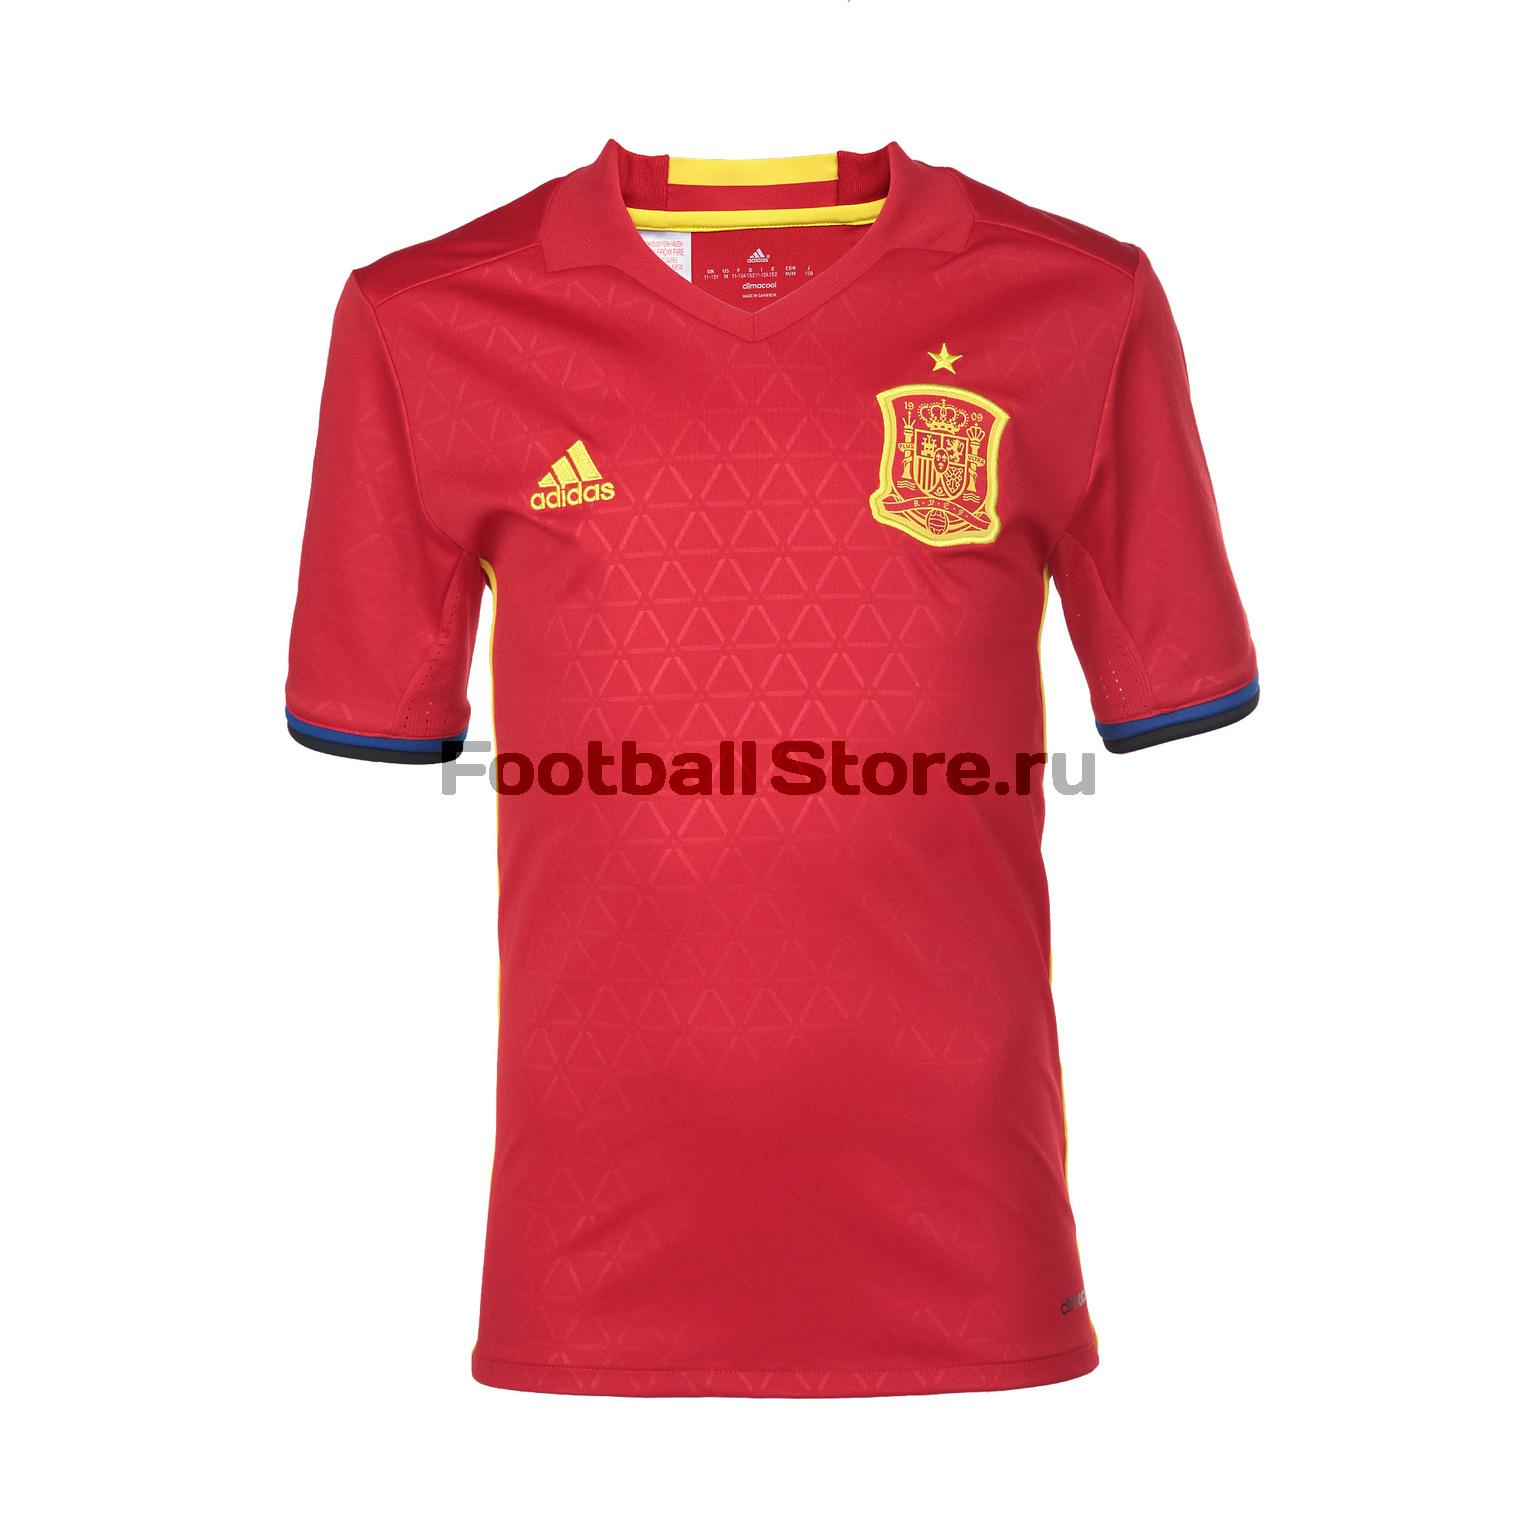 Клубная продукция Adidas Футболка подростковая Adidas Spain Home AA0850